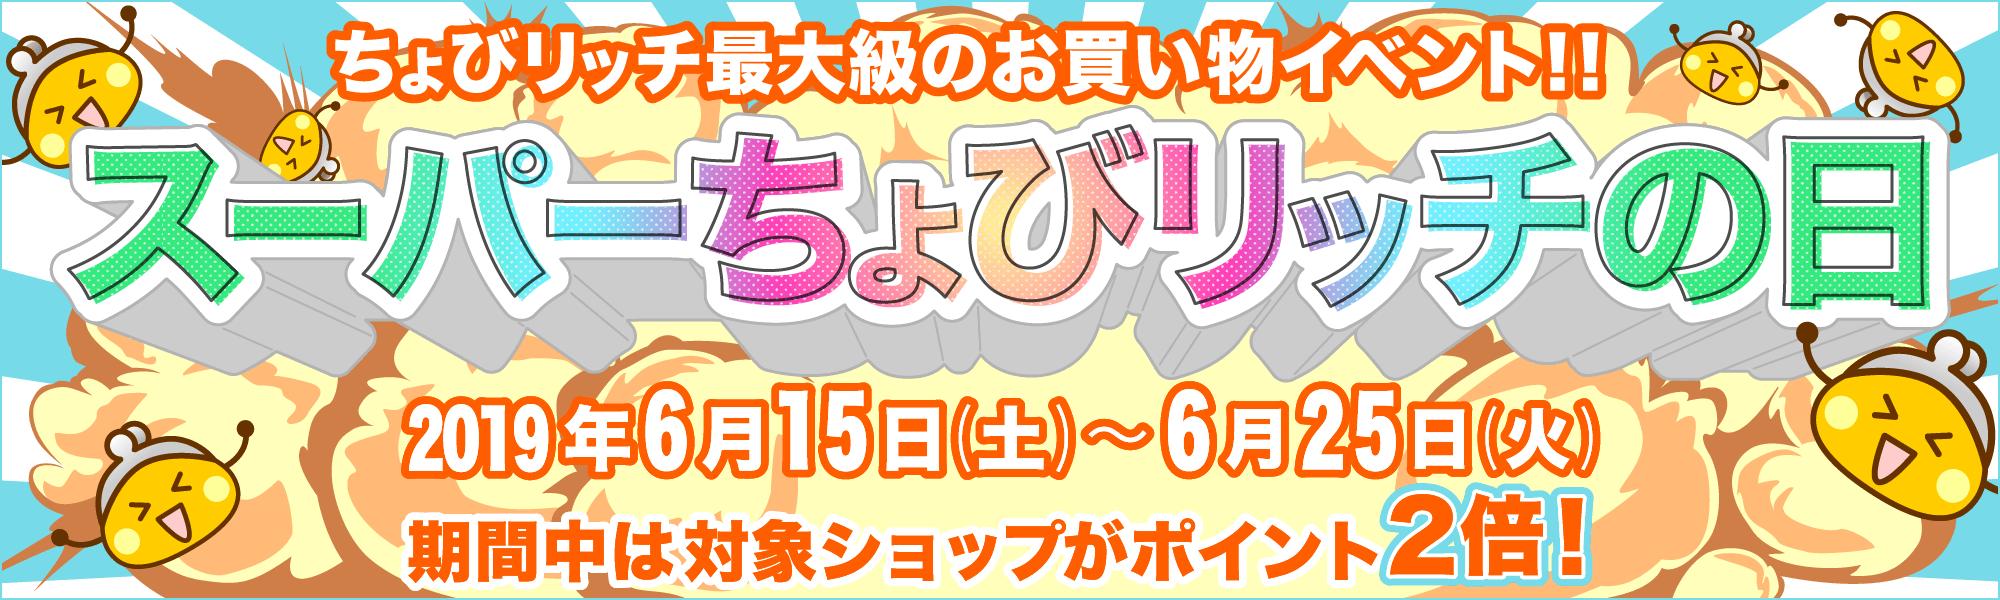 スーパーちょびリッチの日!!9月10日か9月20日まで、11日間連続開催!!